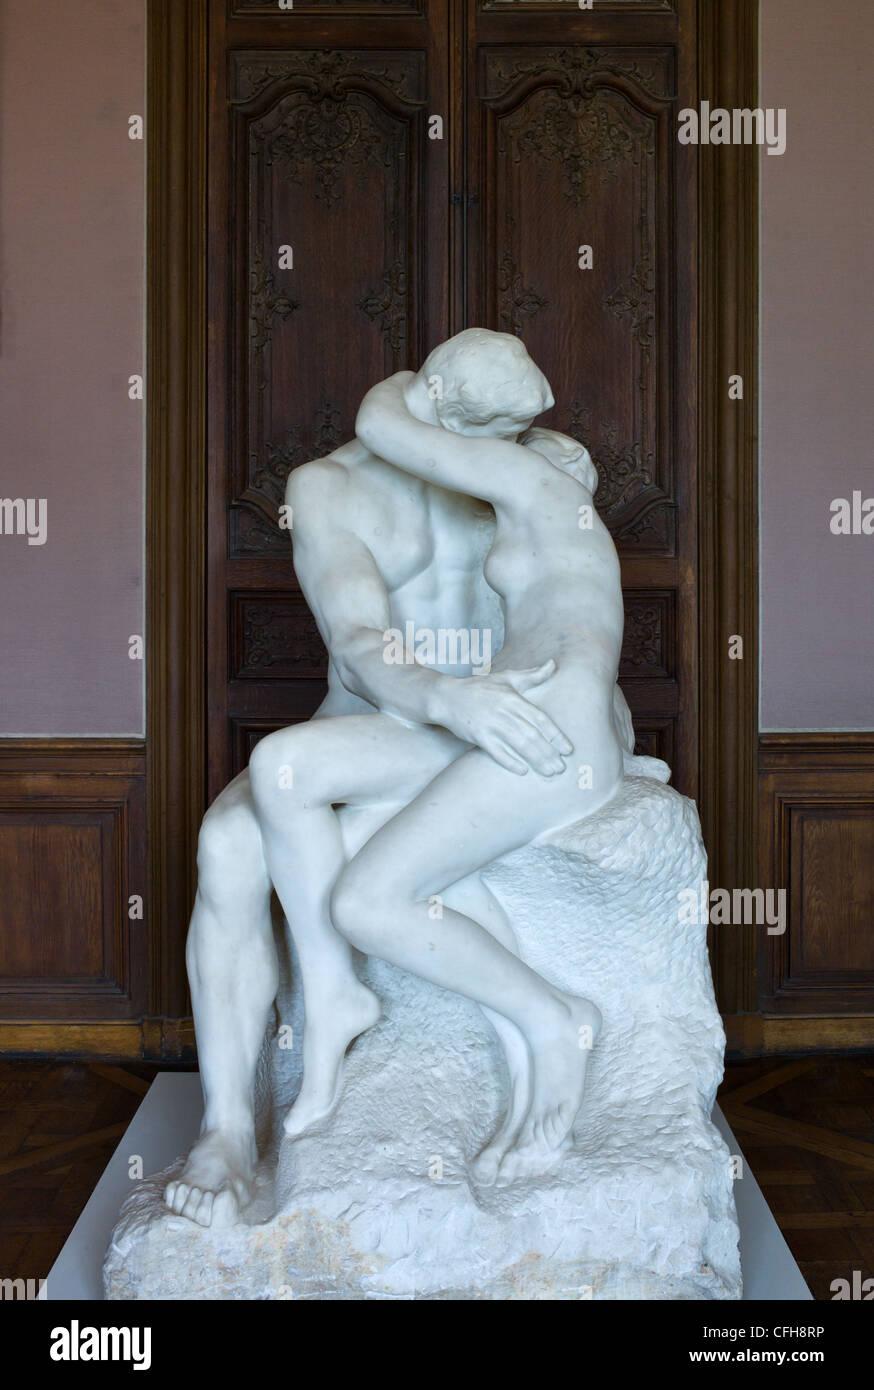 France, Île de France, Paris, sculpture in the Rodin Museum - Stock Image